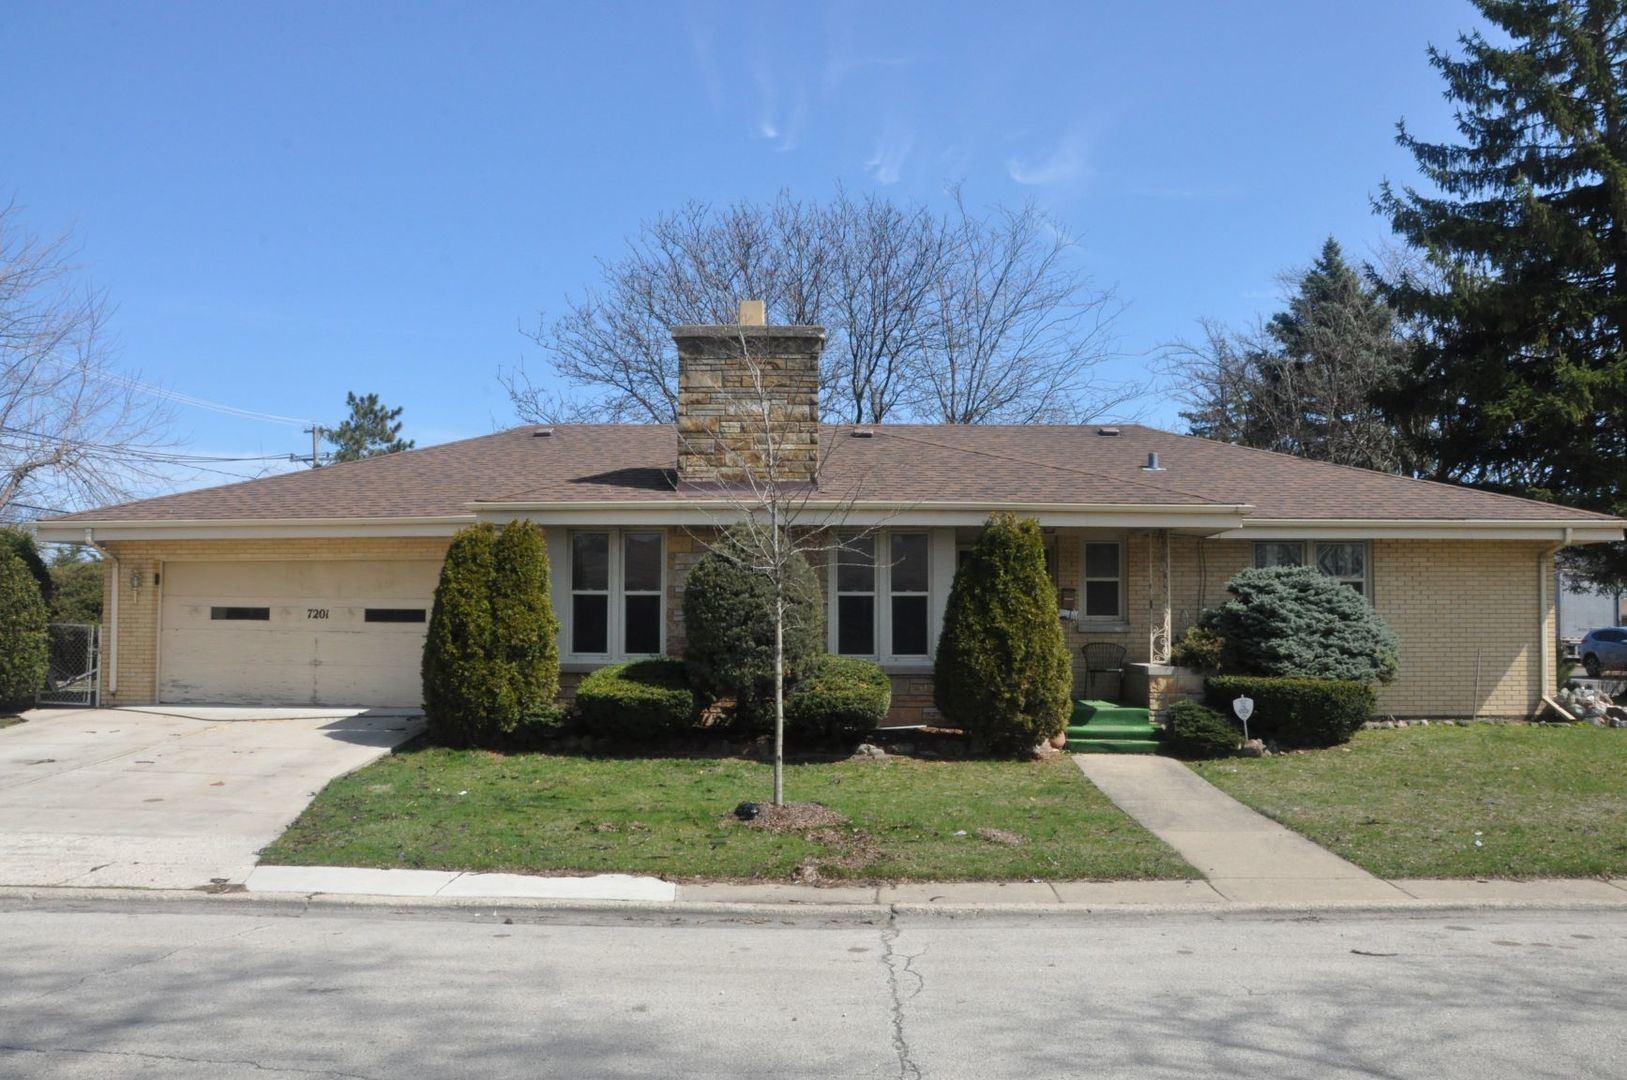 7201 N Karlov Avenue, Lincolnwood, IL 60712 - #: 10722904